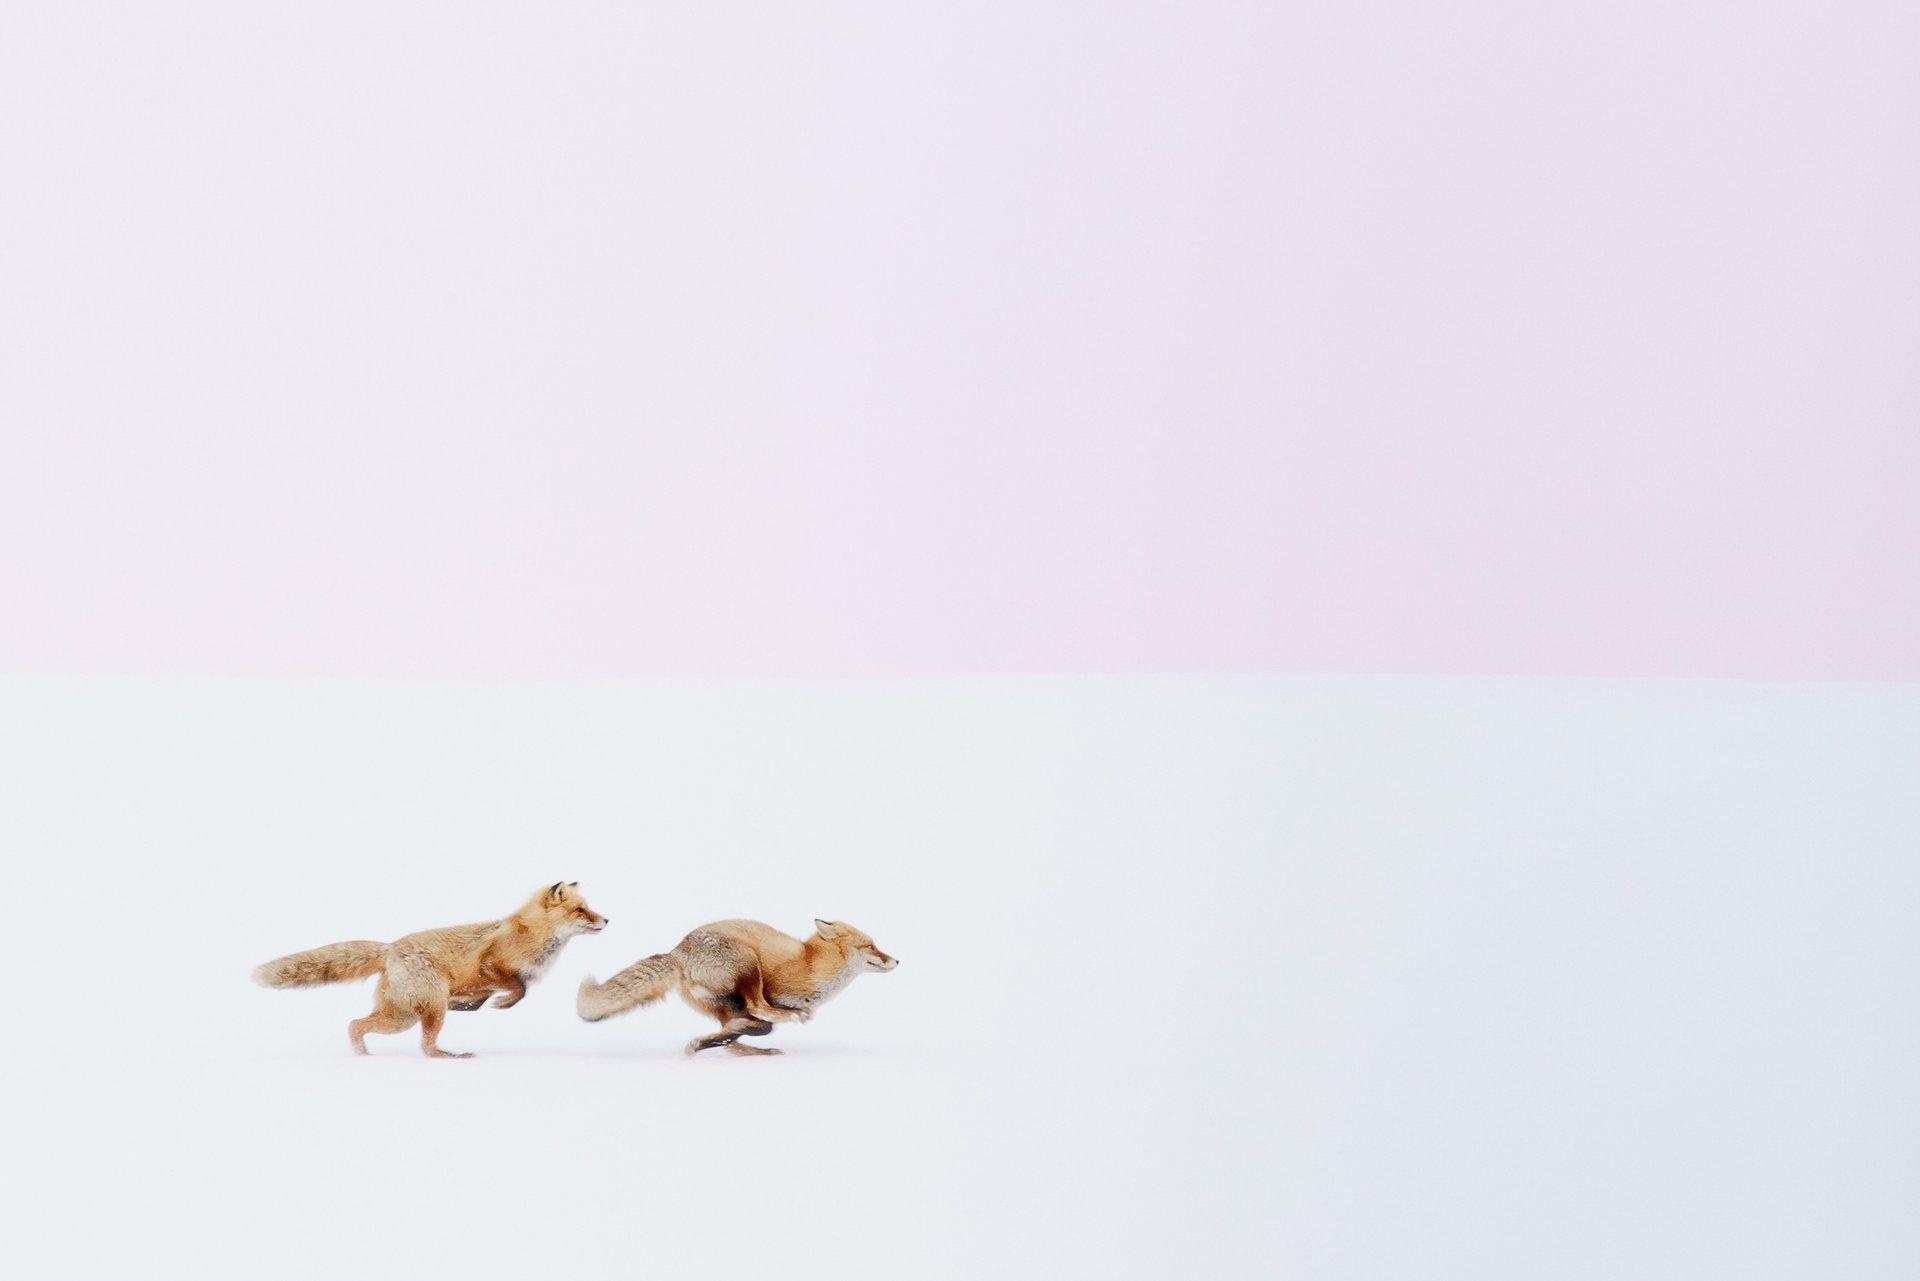 Πρώτη Θέση, Φύση: Όπου κι αν πας, θα σε ακολουθώ! Ο ρομαντισμός βρίσκεται στον αέρα. Ήταν εκείνη η ώρα της μέρας μετά το ηλιοβασίλεμα . Άκουσα μια φωνή. «Όπου κι αν πας, θα σε ακολουθώ». Photograph: Hiroki Inoue/National Geographic Travel Photographer of the Year Contest